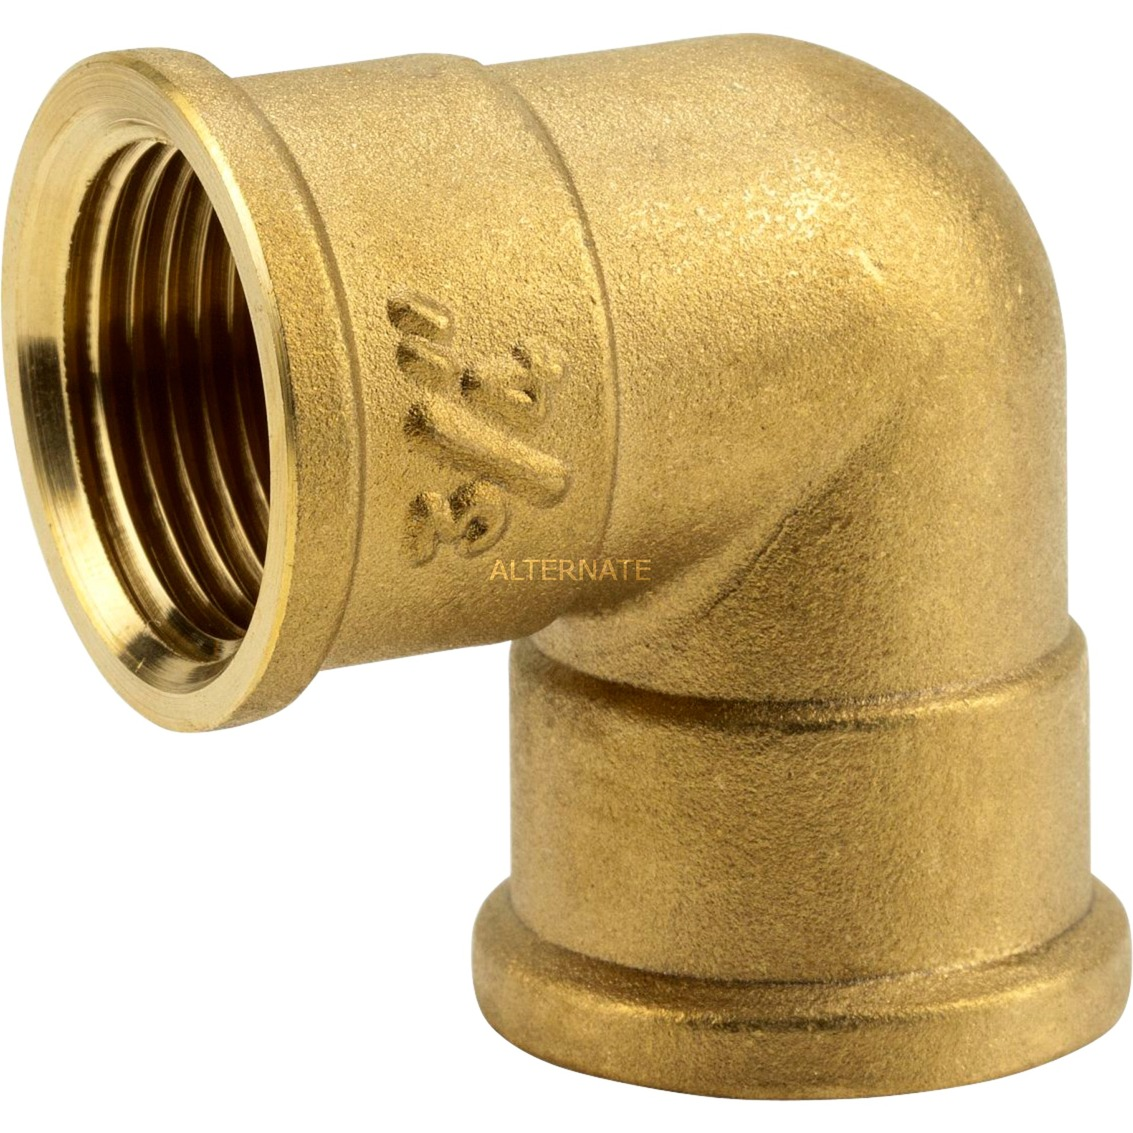 messing-winkel-ig-34-tekniske-ventiler